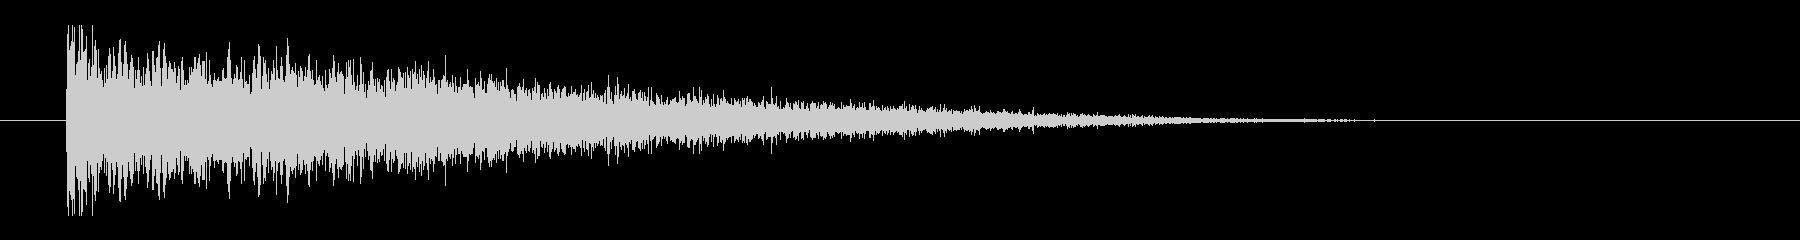 レーザー音-145-3の未再生の波形